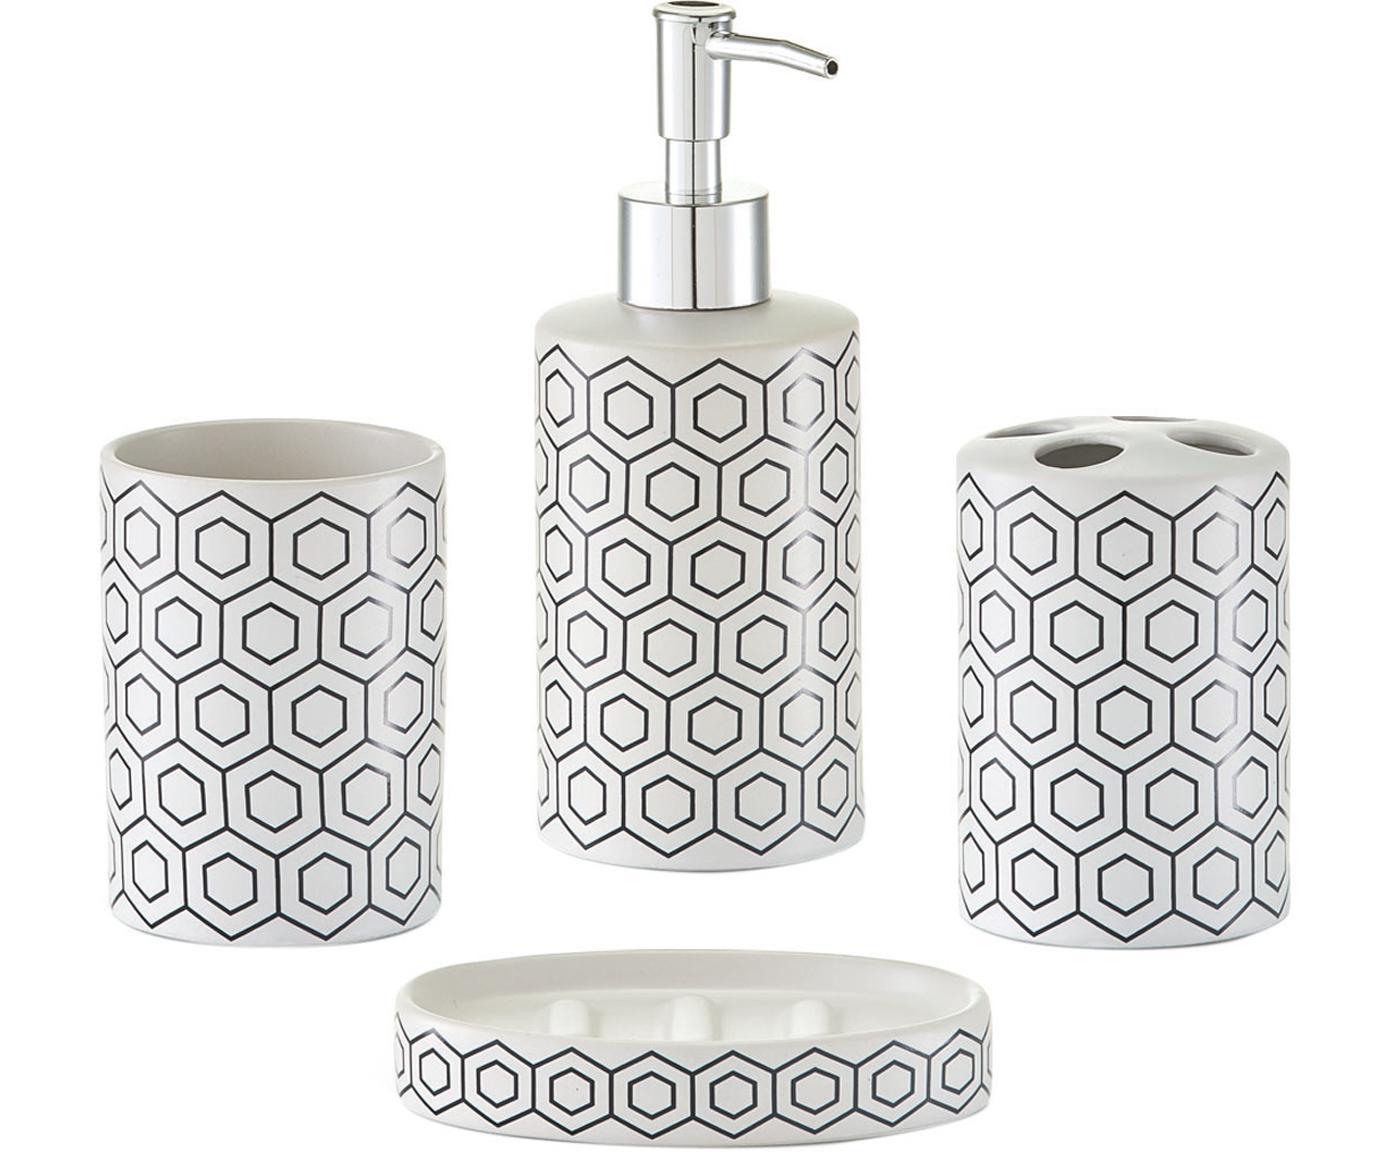 Set accessori da bagno Graphic 4 pz, Nero, bianco, Diverse dimensioni